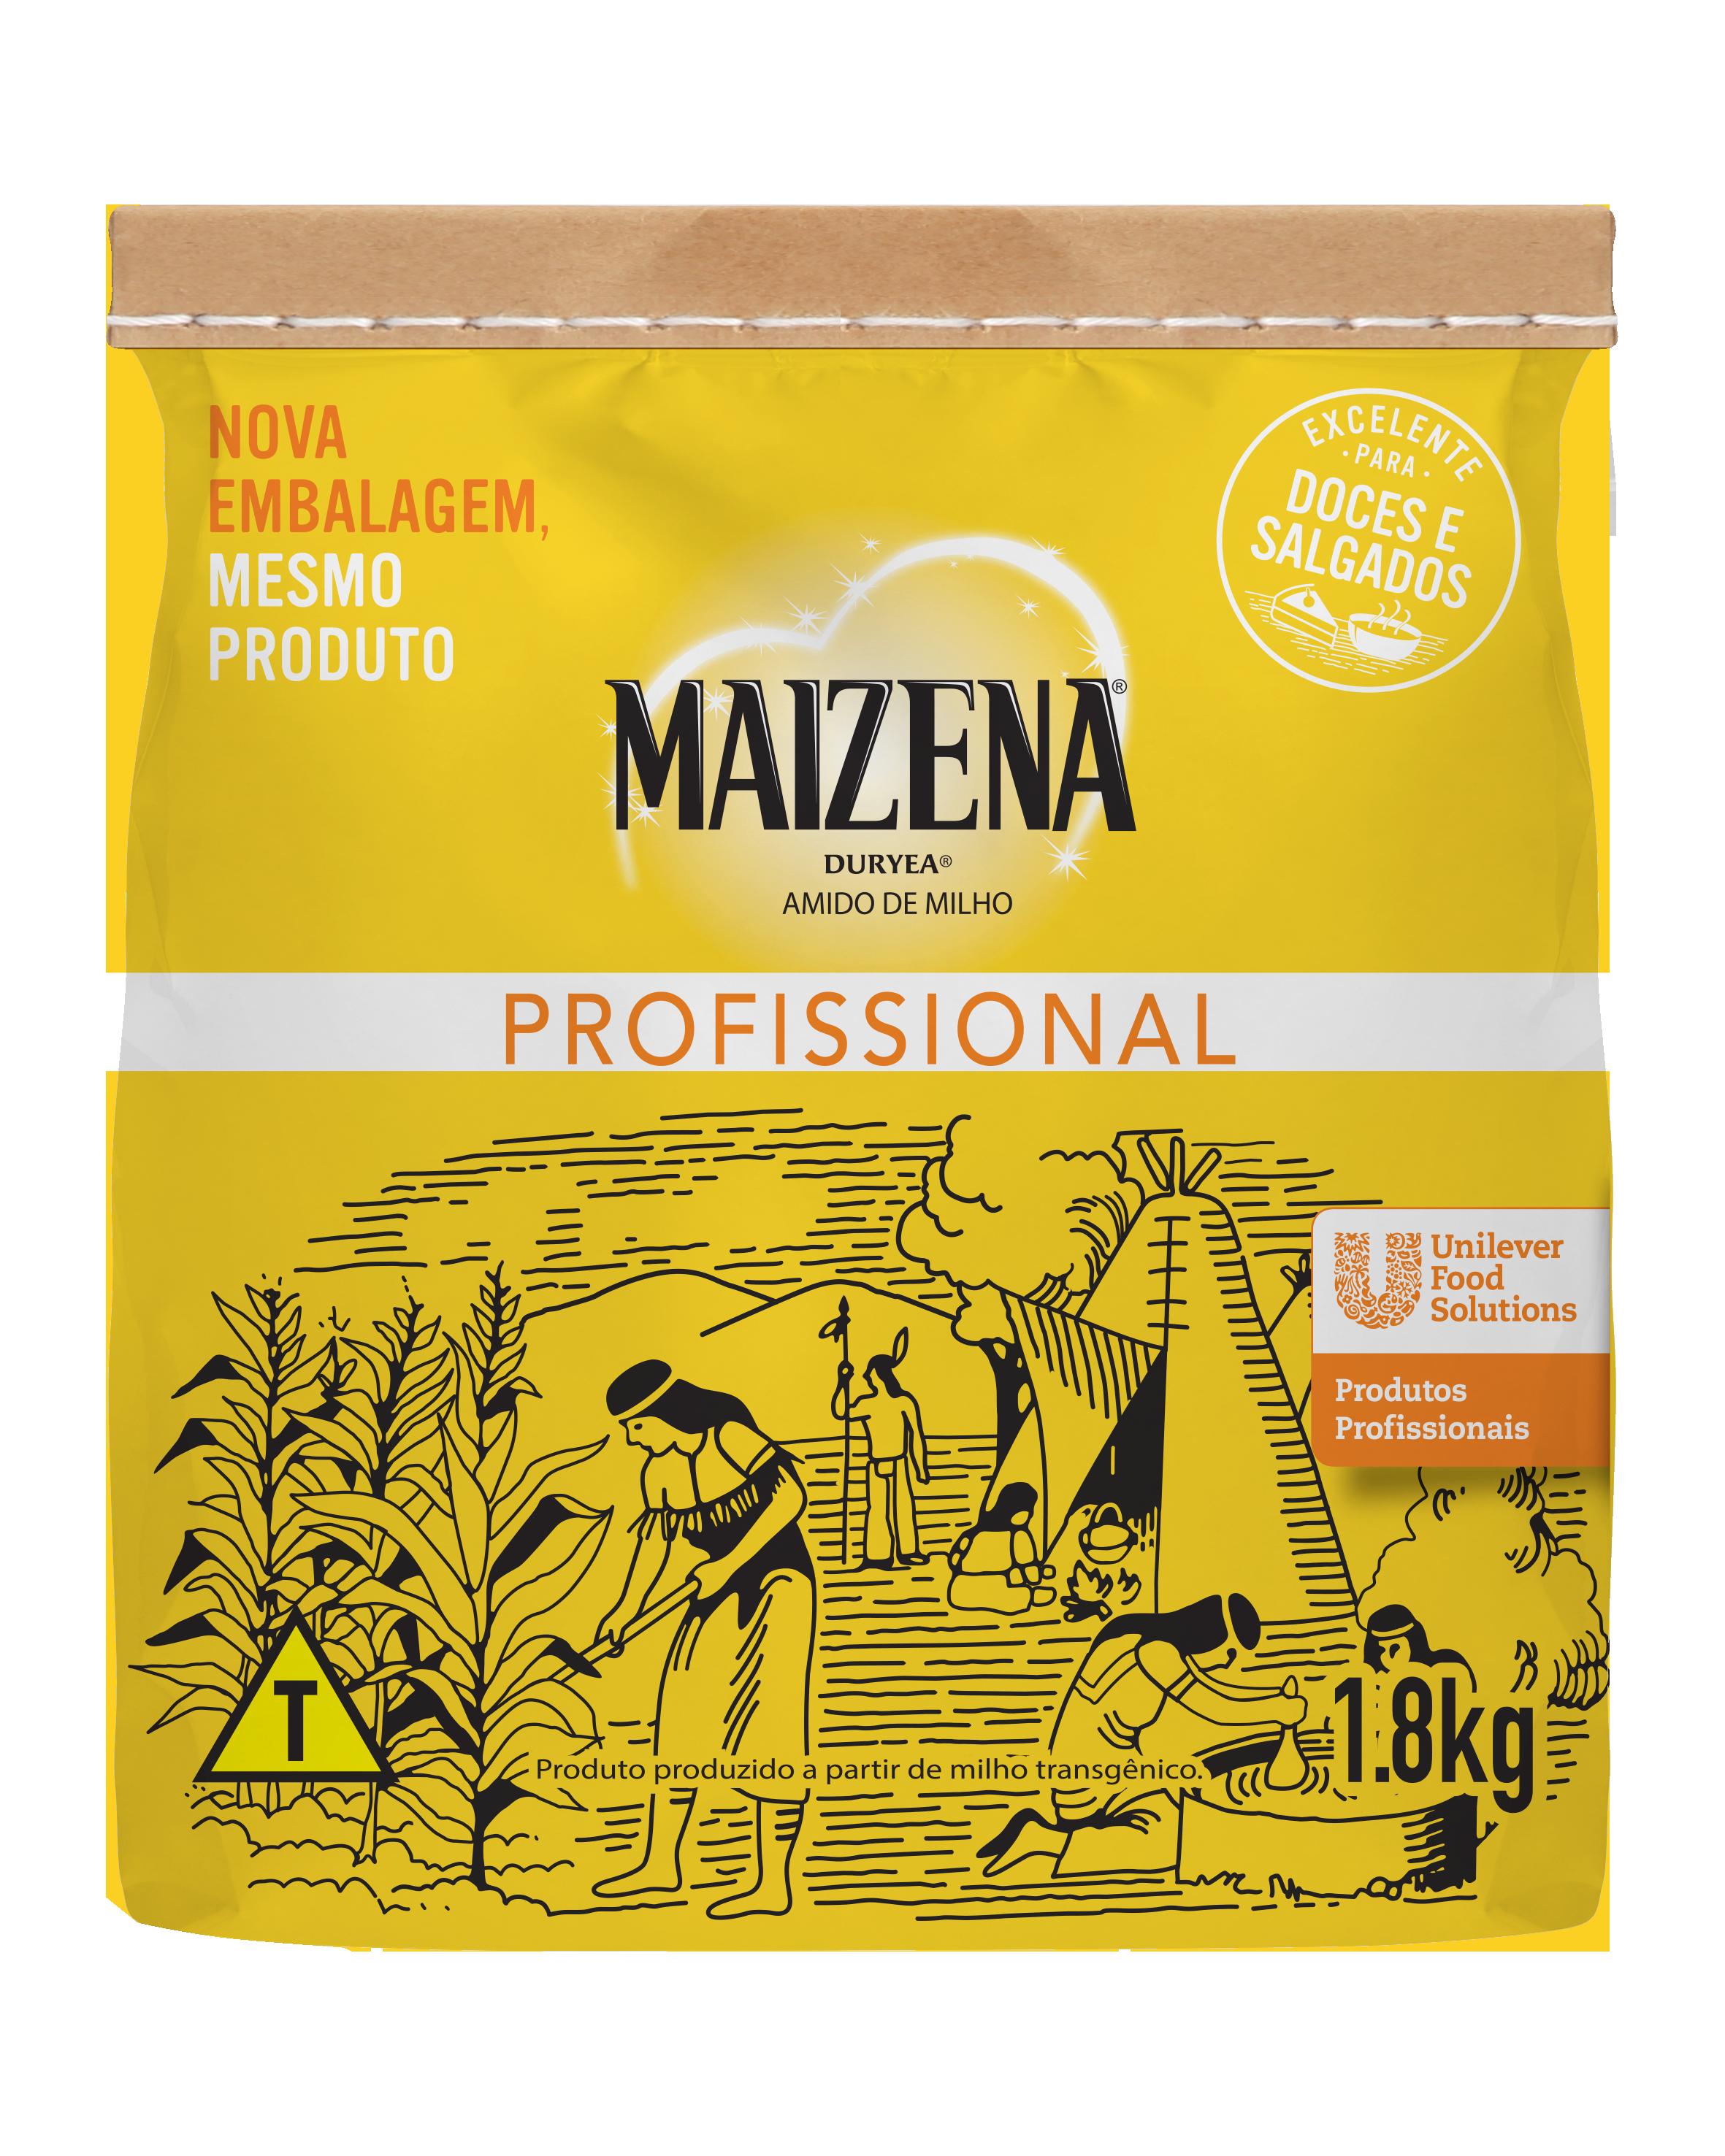 Amido de Milho Maizena 1,8 kg - Aqui está o produto que você já confia para preparar diferentes receitas.